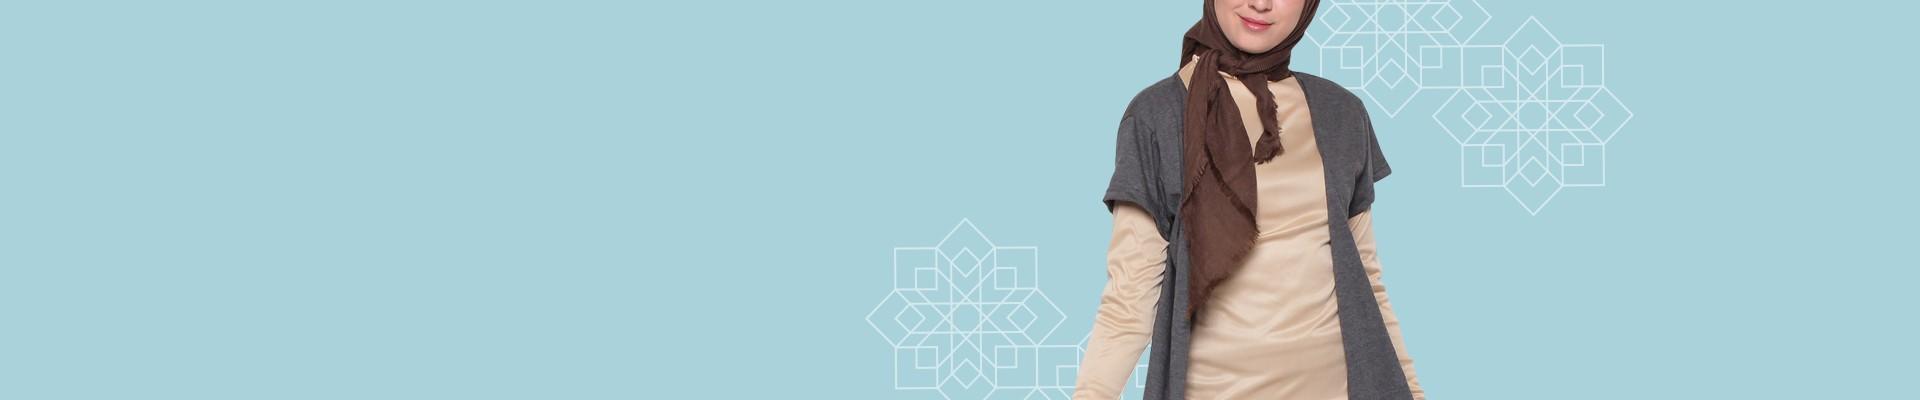 Jual Cardigan Muslim Muslimah Model Terbaru